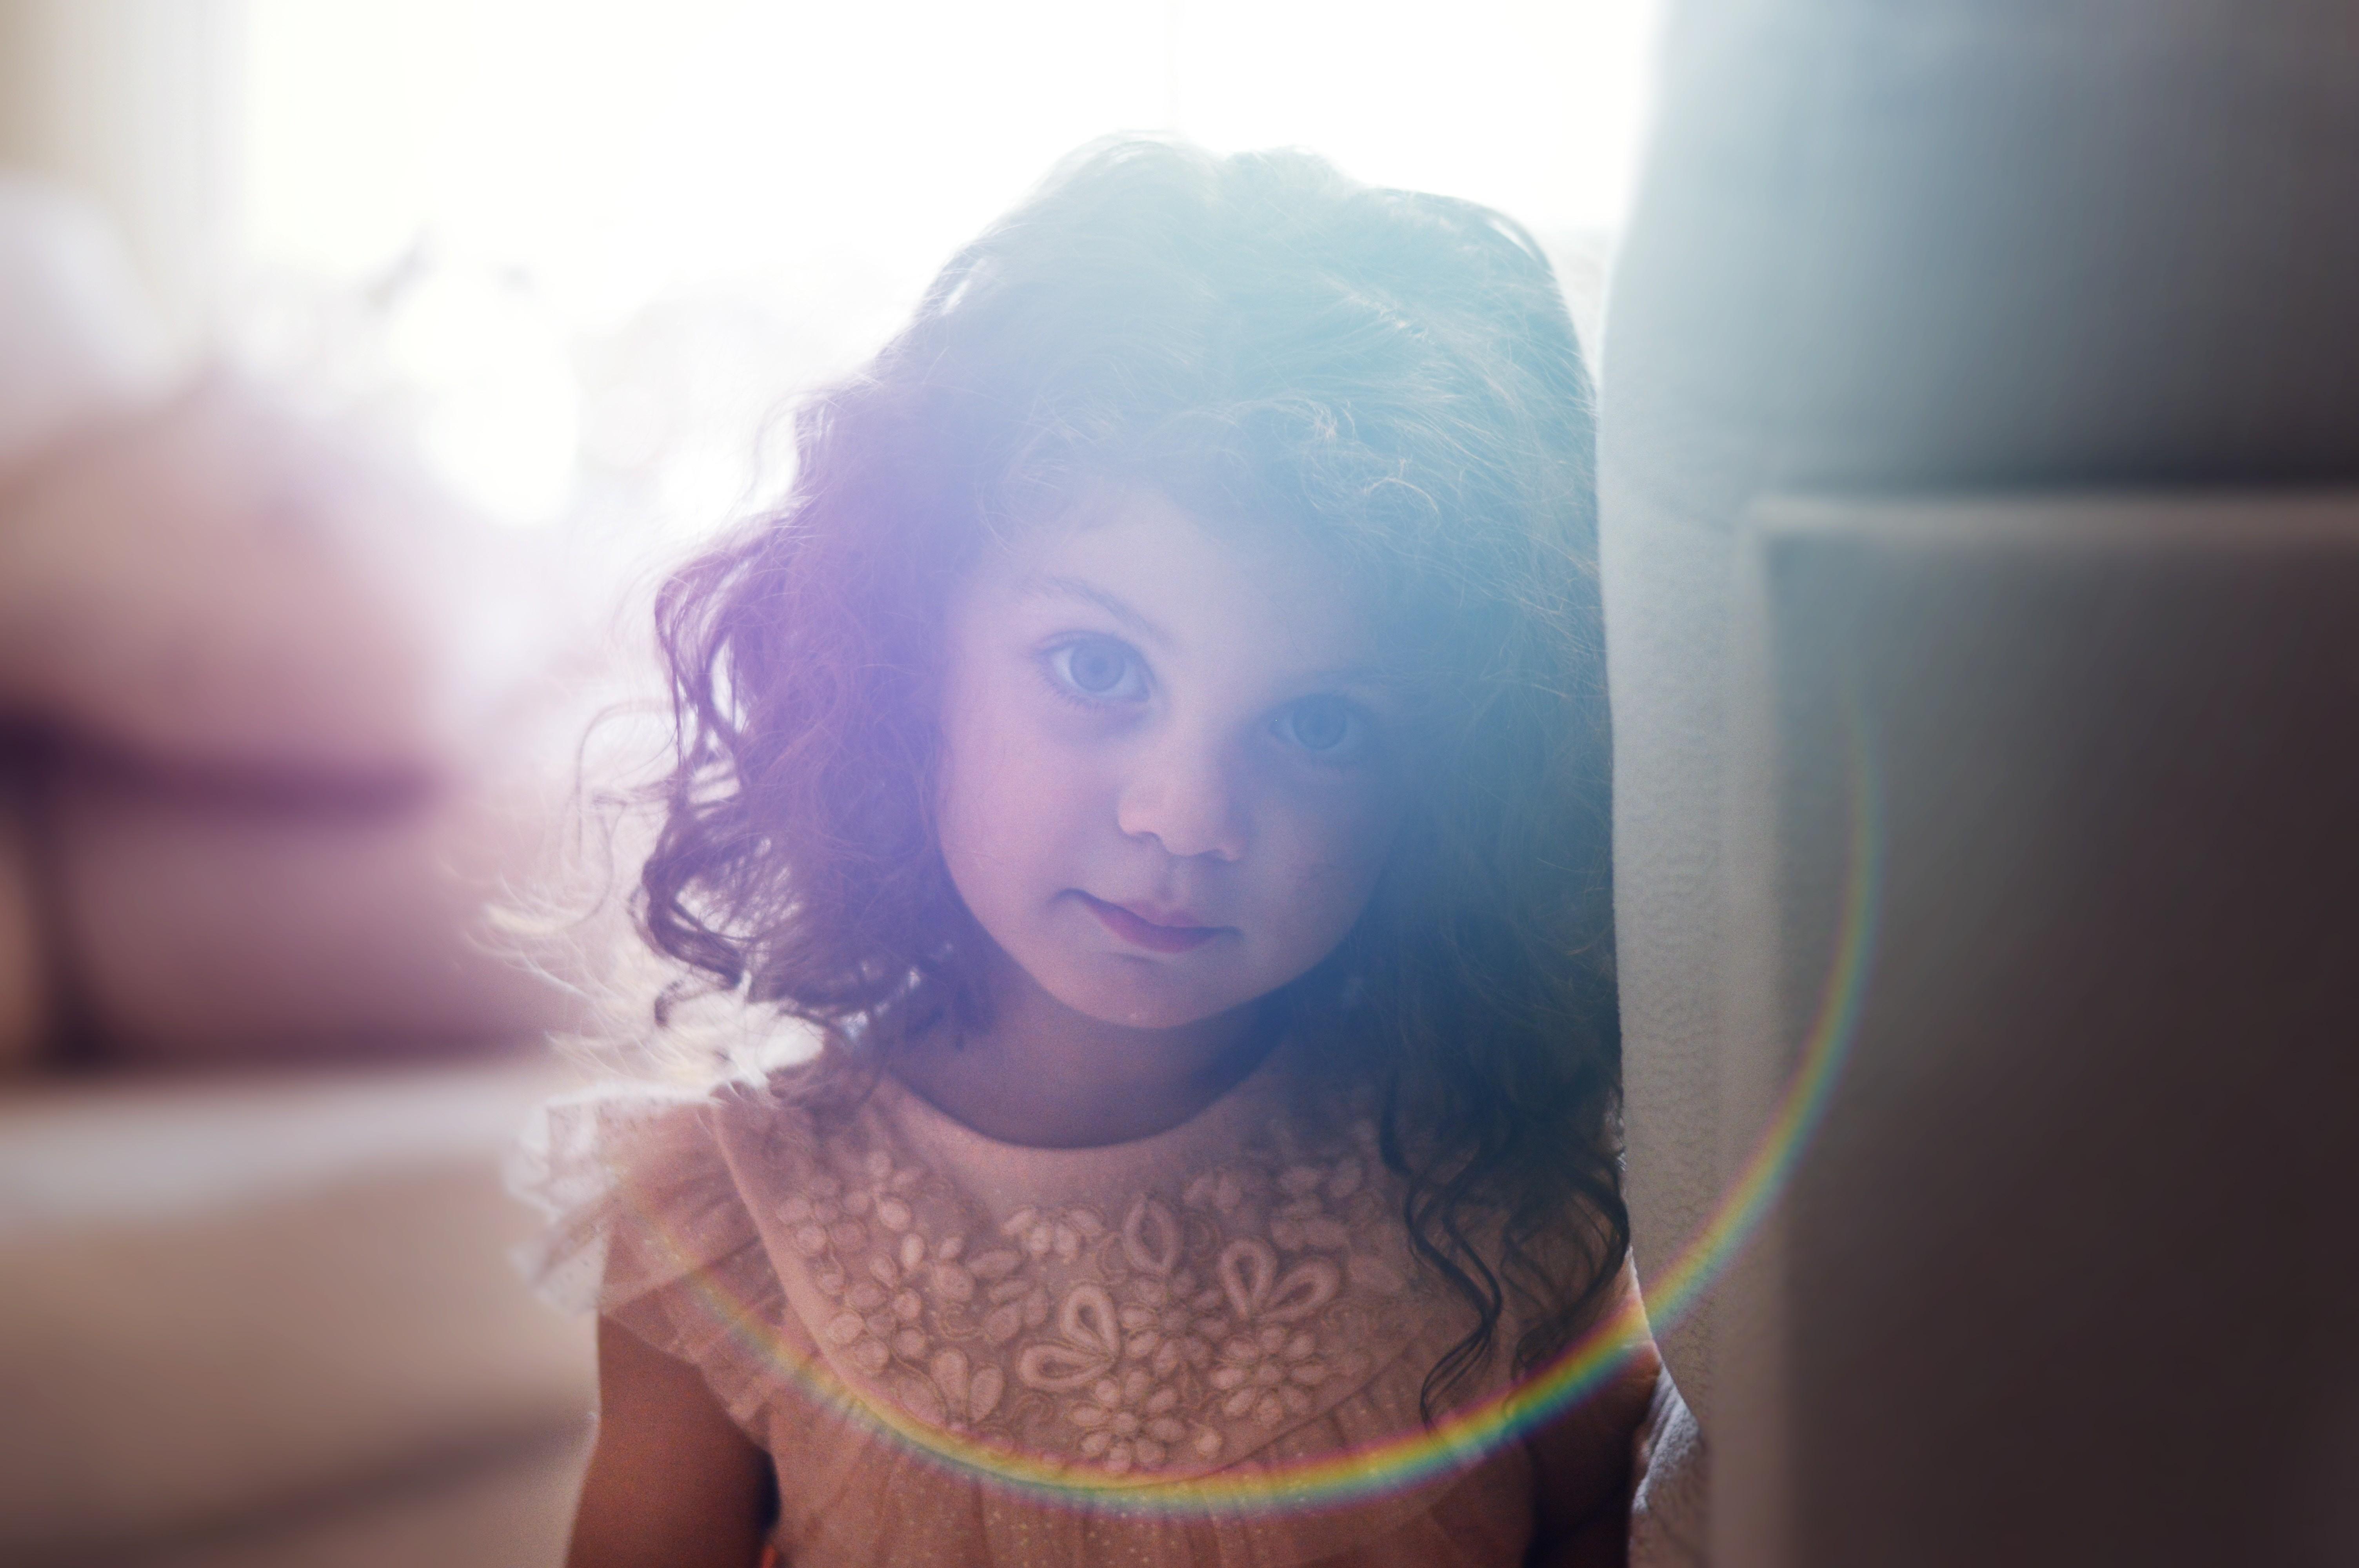 7 страшных последствий, к которым приводит недостаток родительского внимания